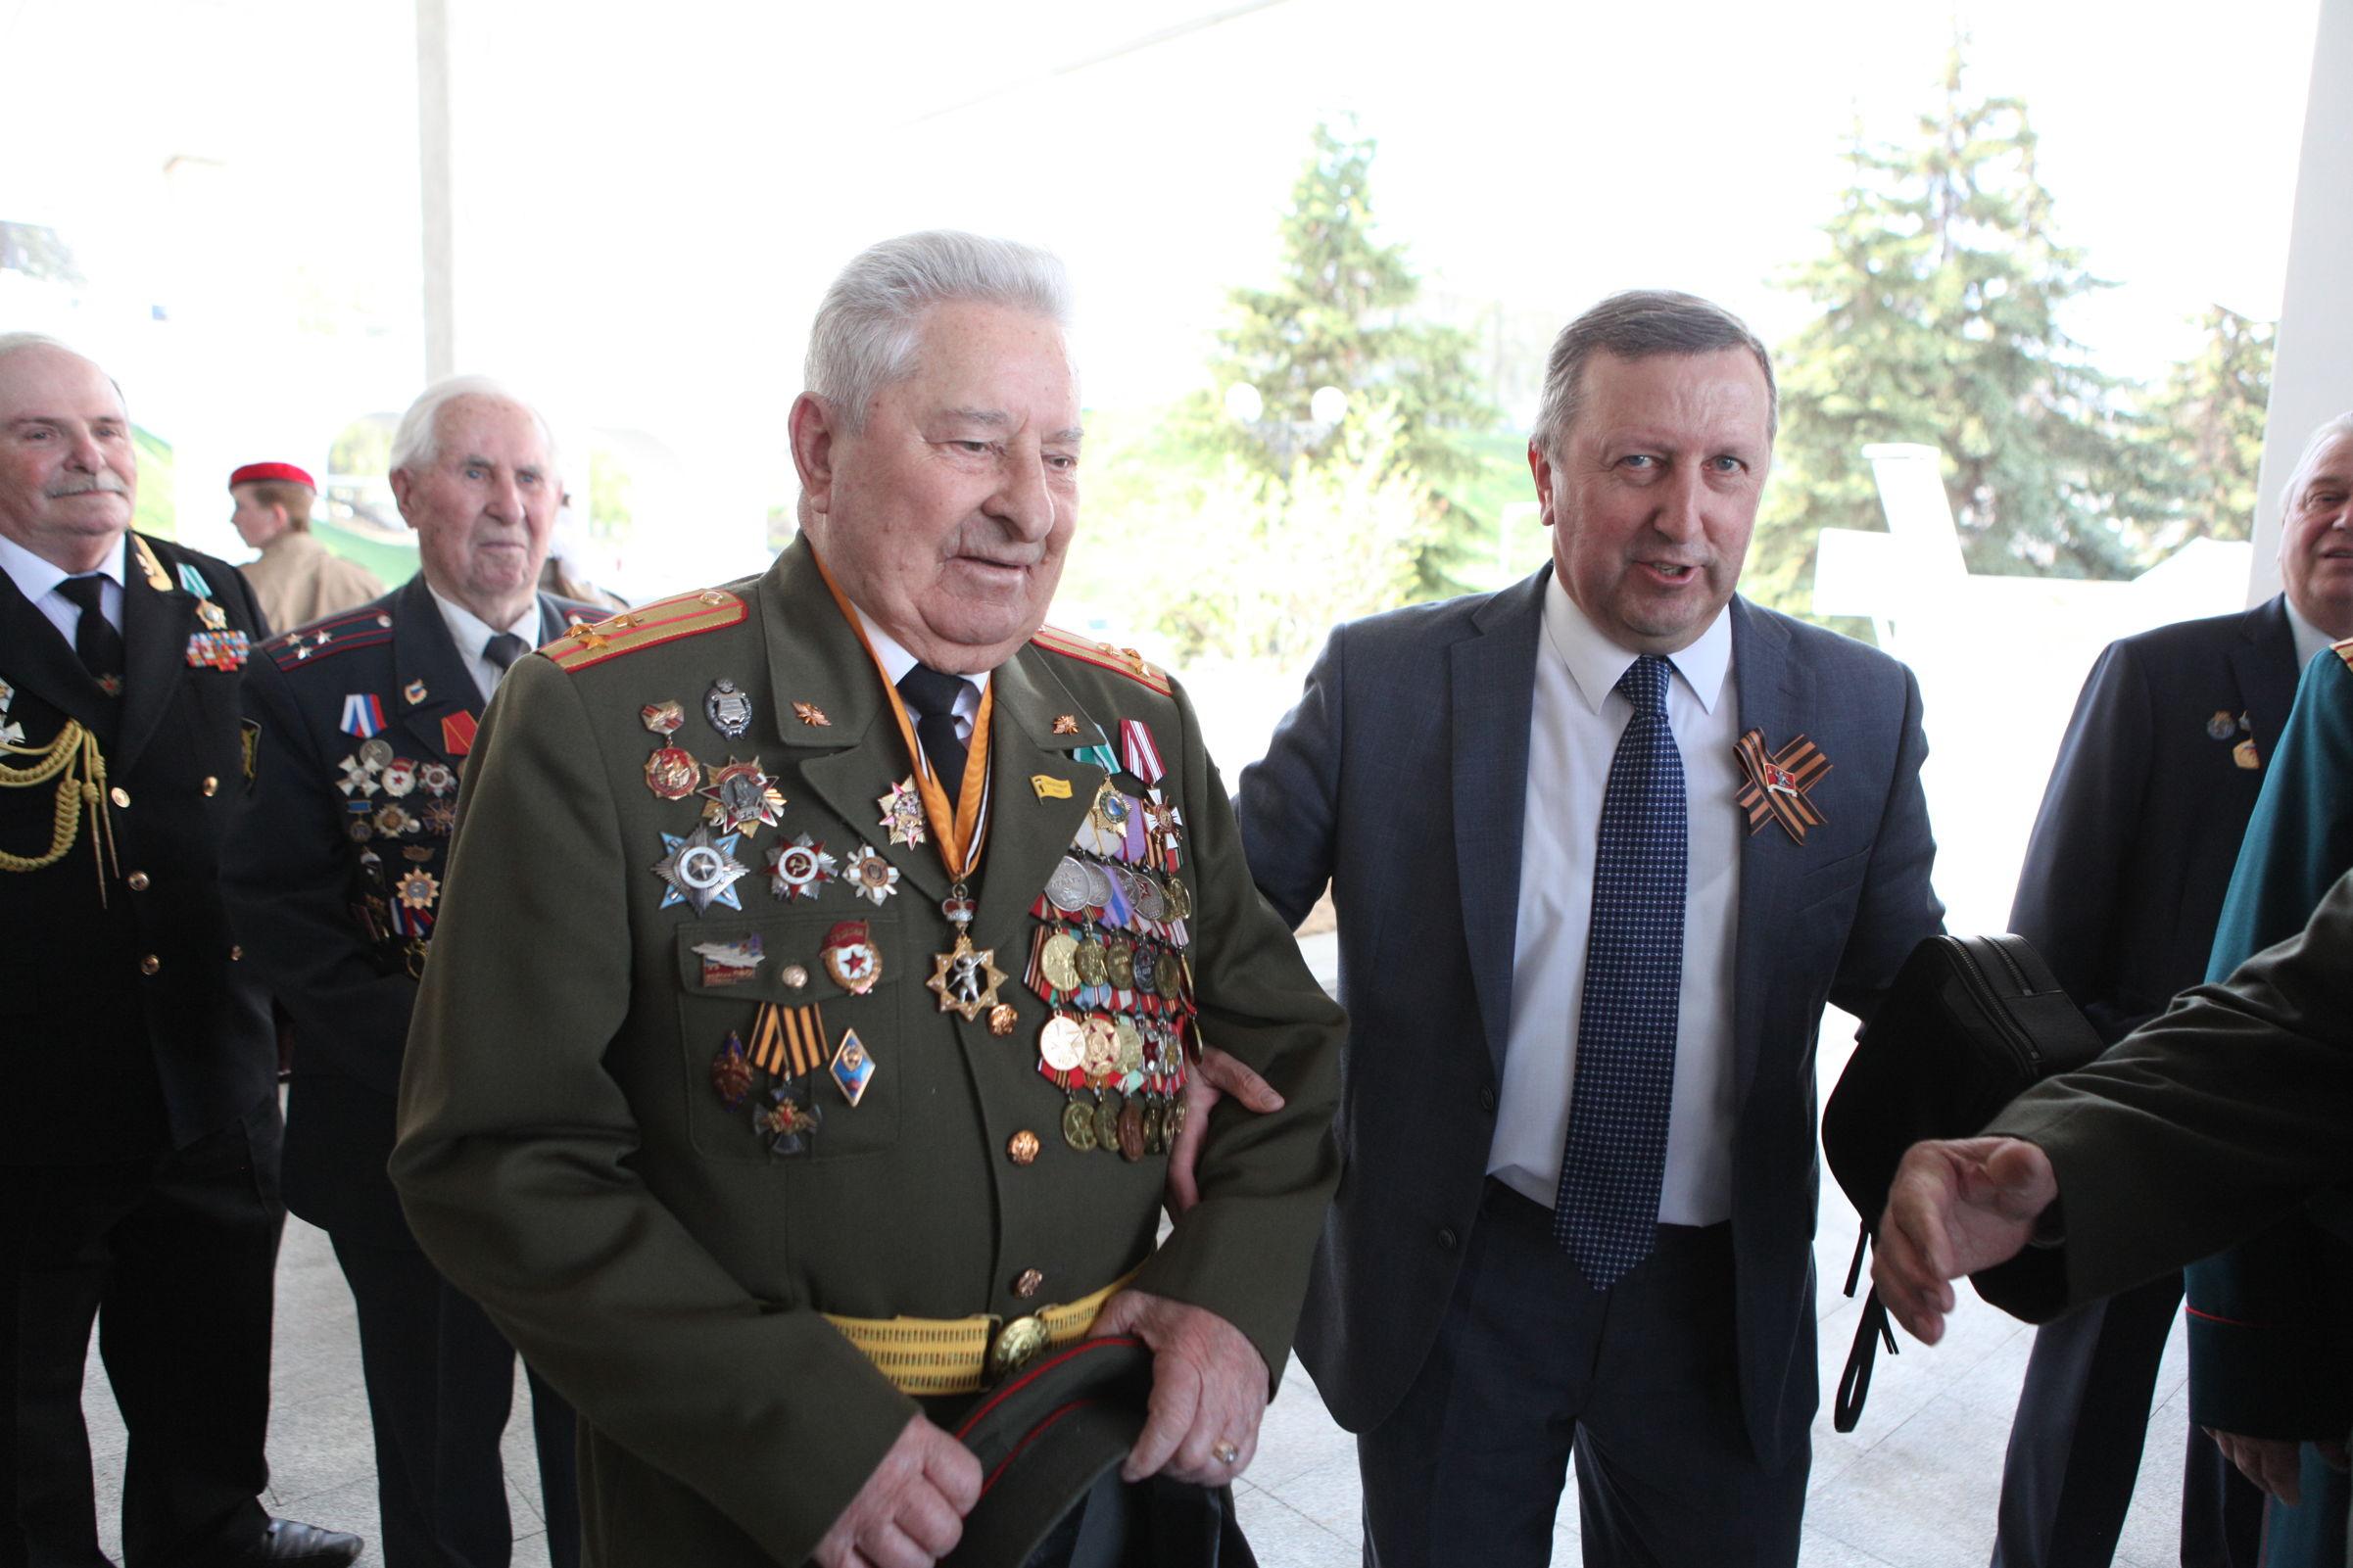 На торжественном приеме Дмитрий Миронов поздравил участников Великой Отечественной войны и тружеников тыла с наступающим Днем Победы